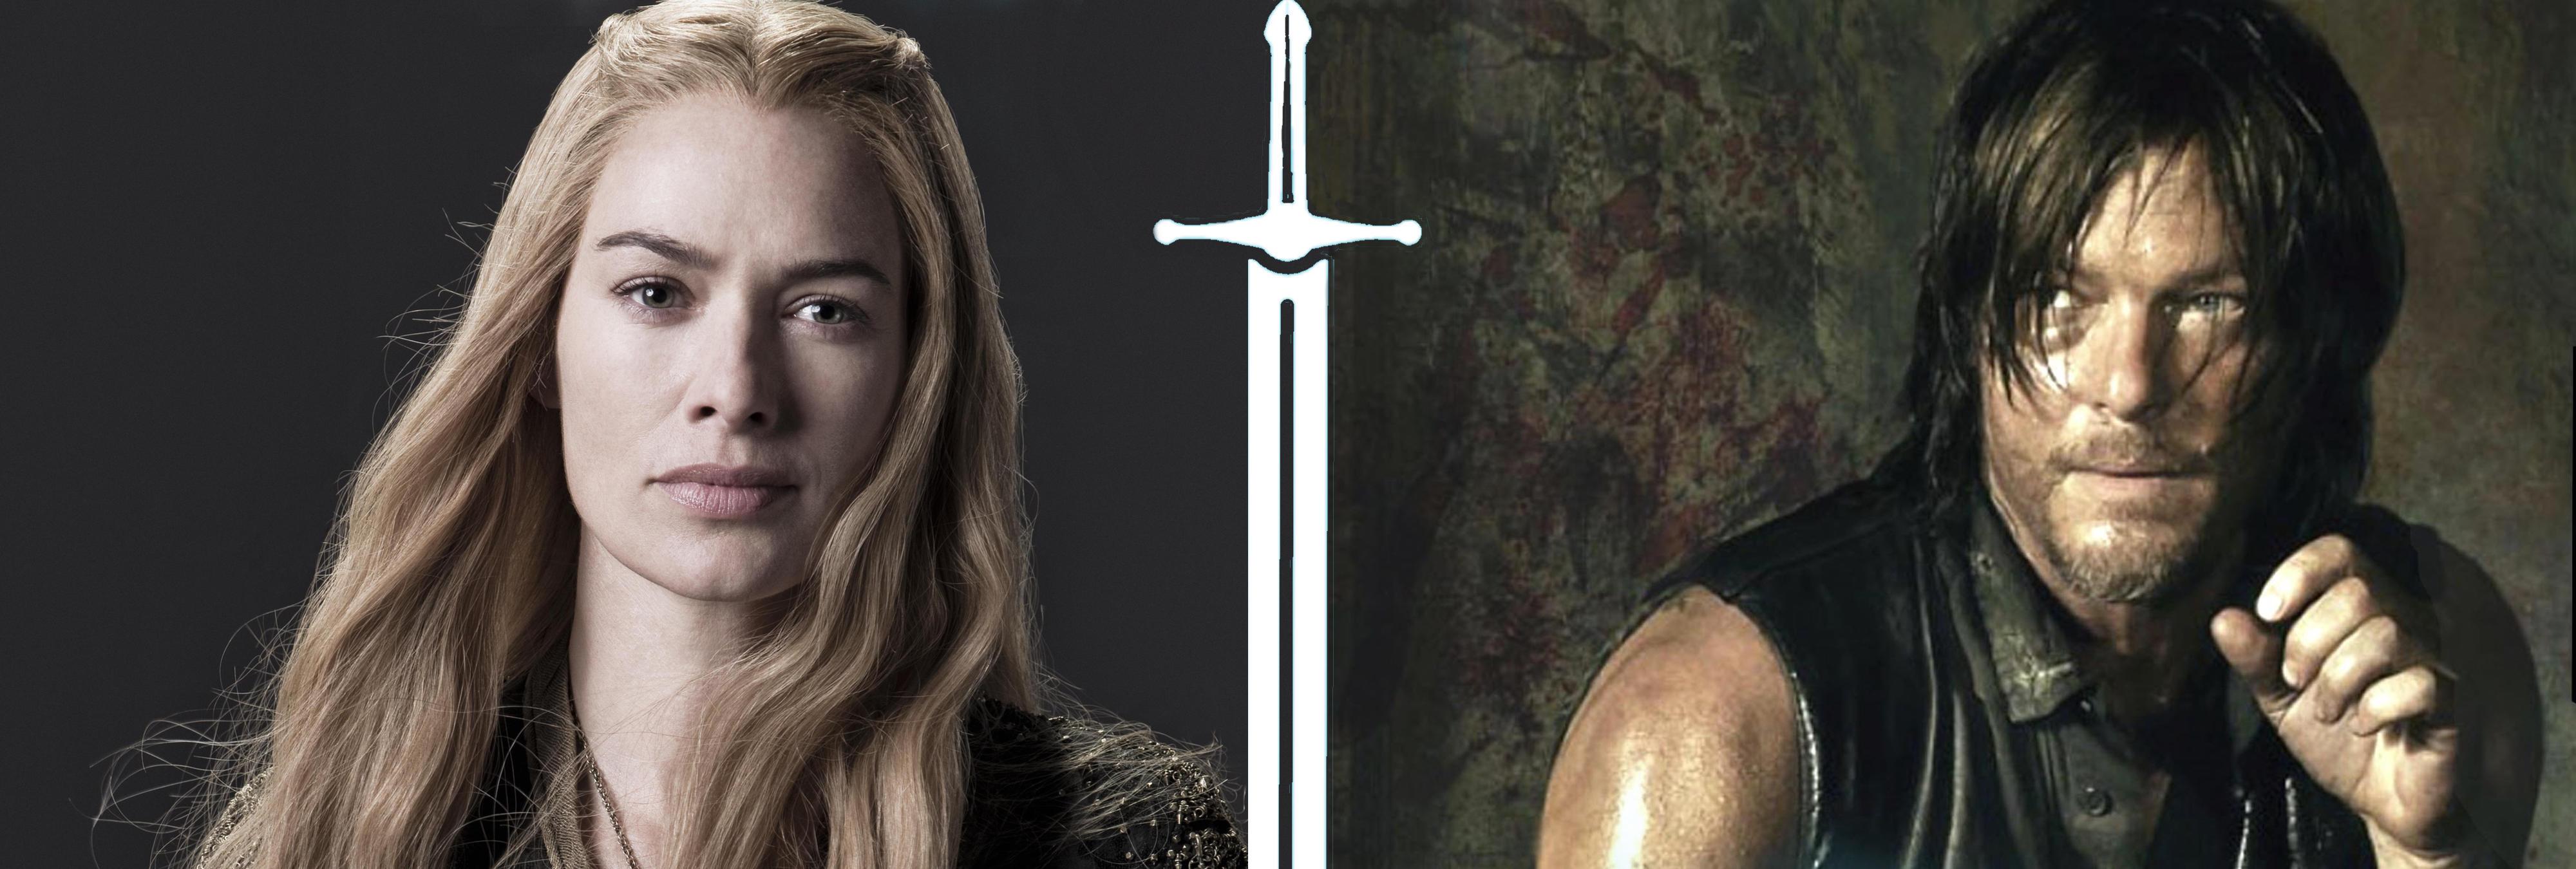 'The Walking Dead' o 'Game of Thrones', ¿qué serie acumula más muertes?